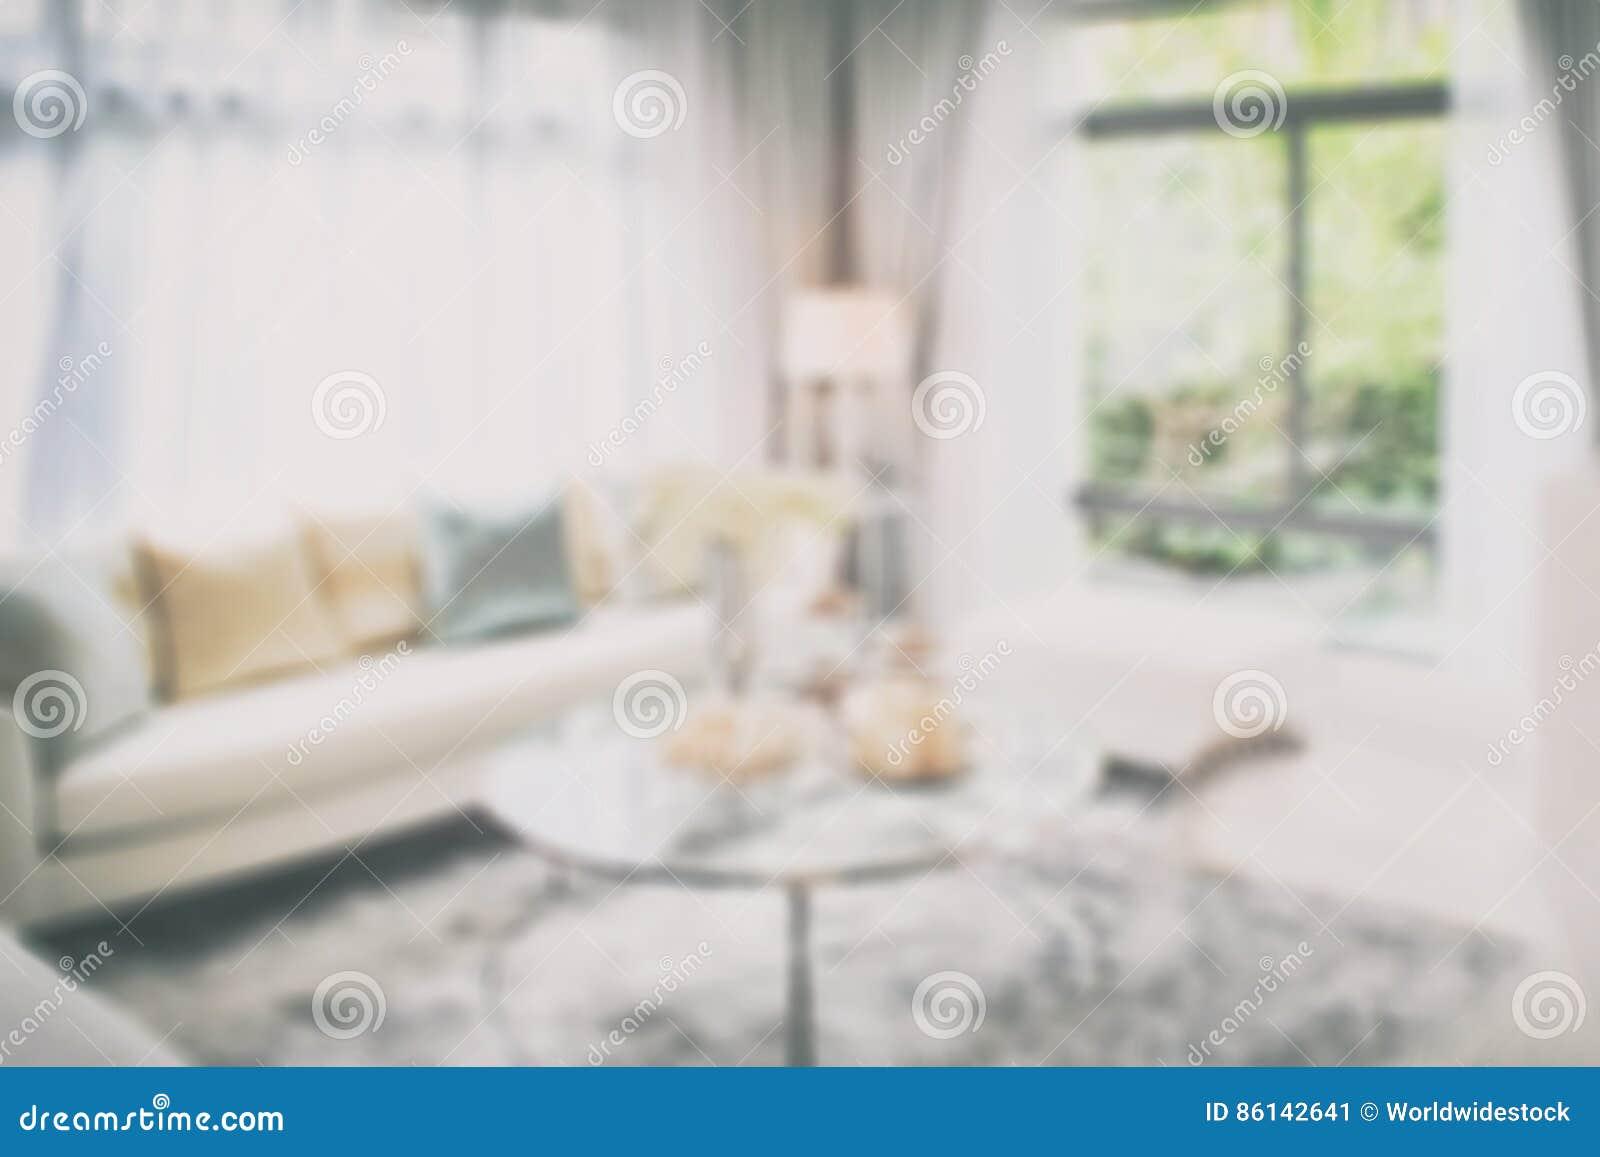 Vage binnenlandse woonkamer als achtergrond